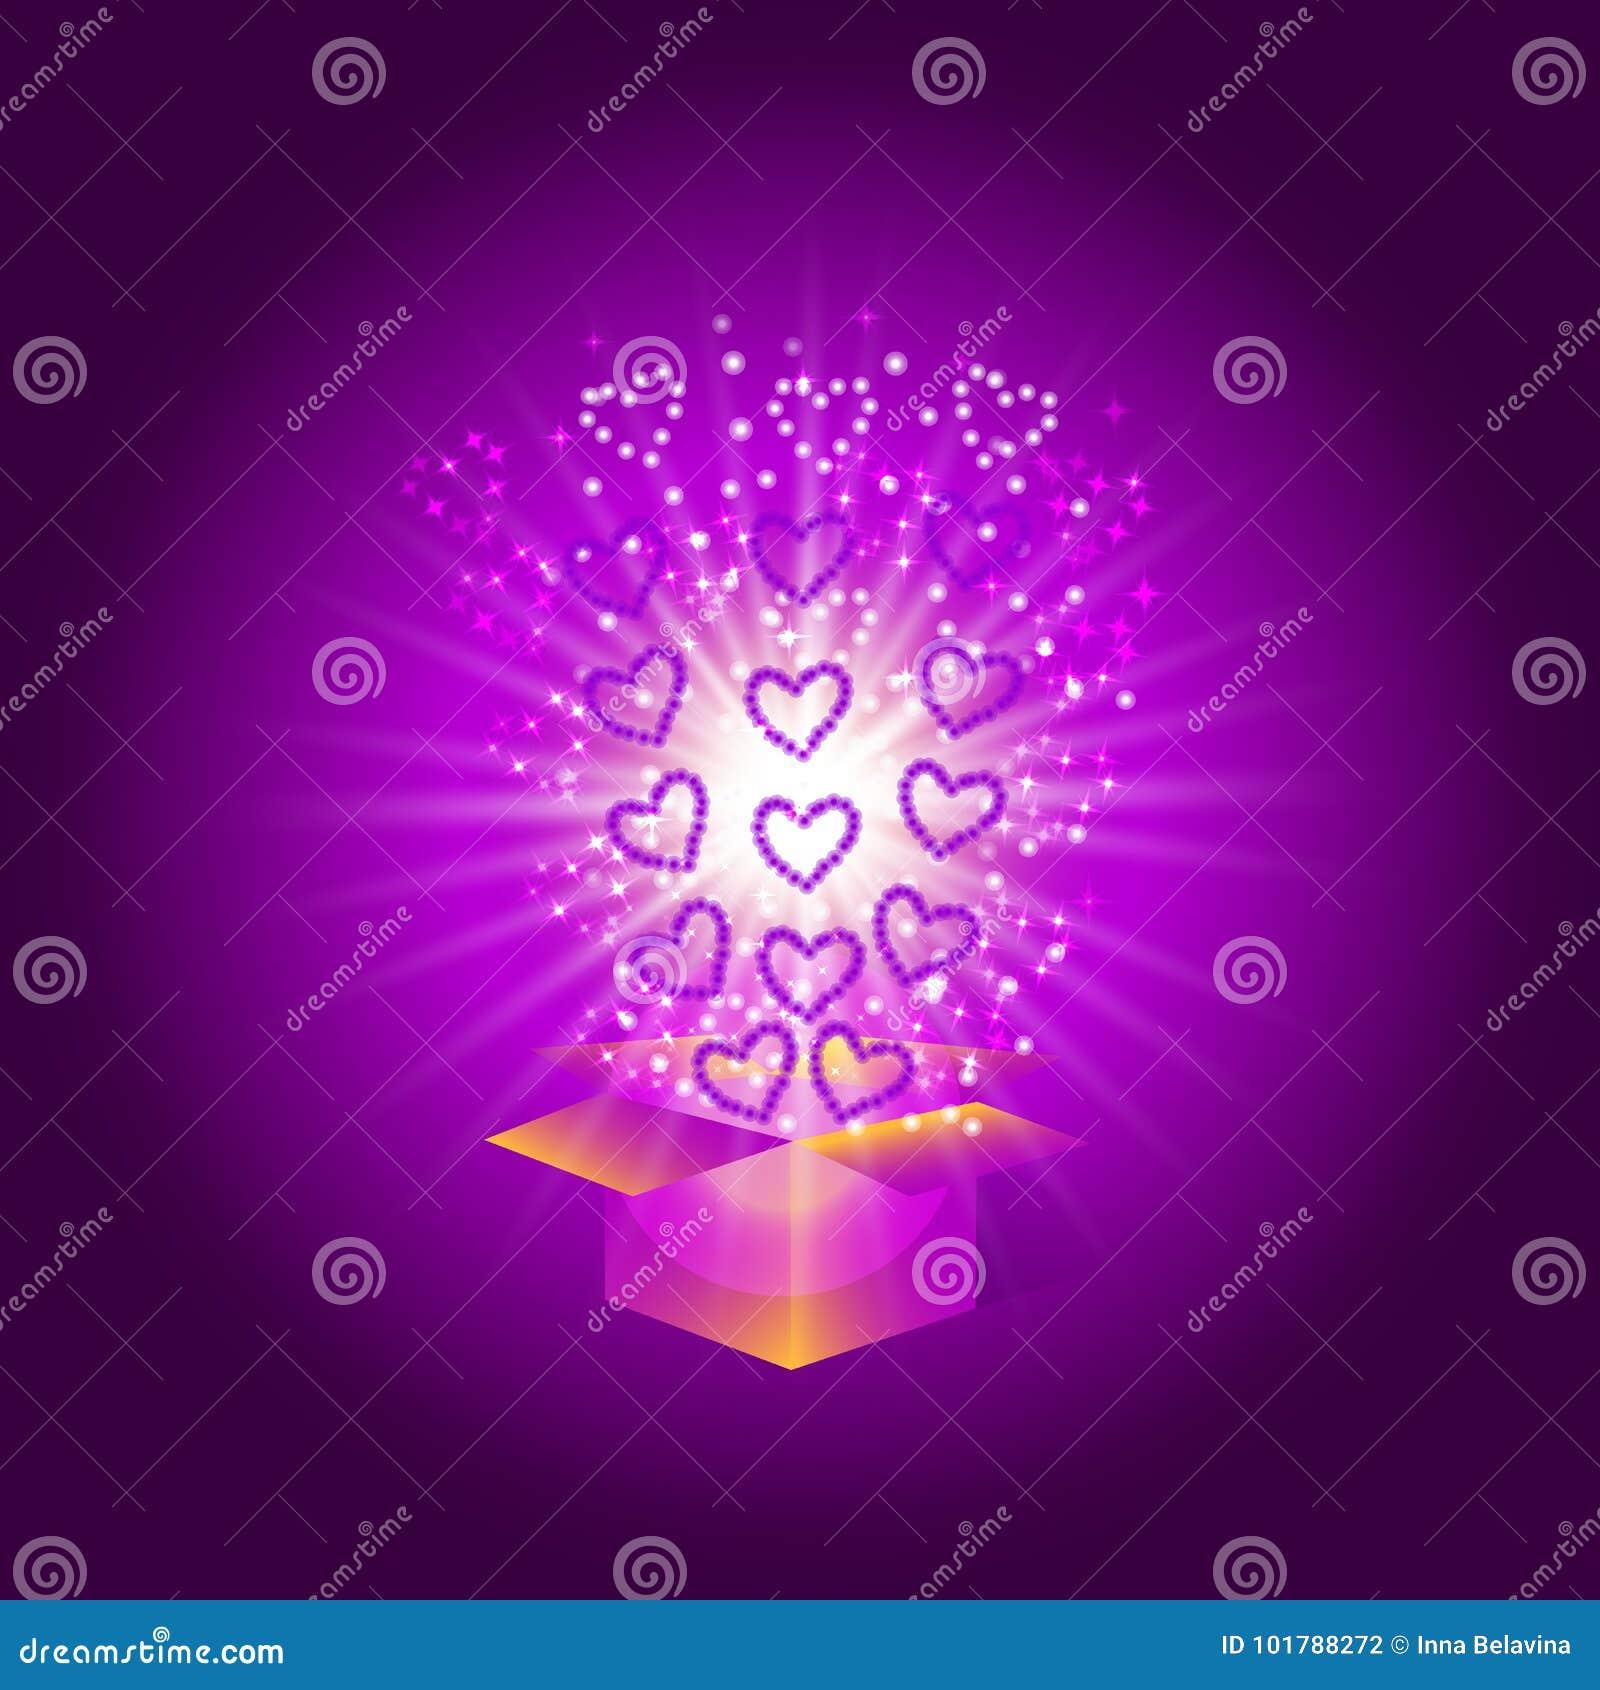 Röda askgåvahjärtor Magisk bakgrund med en överraskning uppfyllelse av lust Illustration i violetta signaler